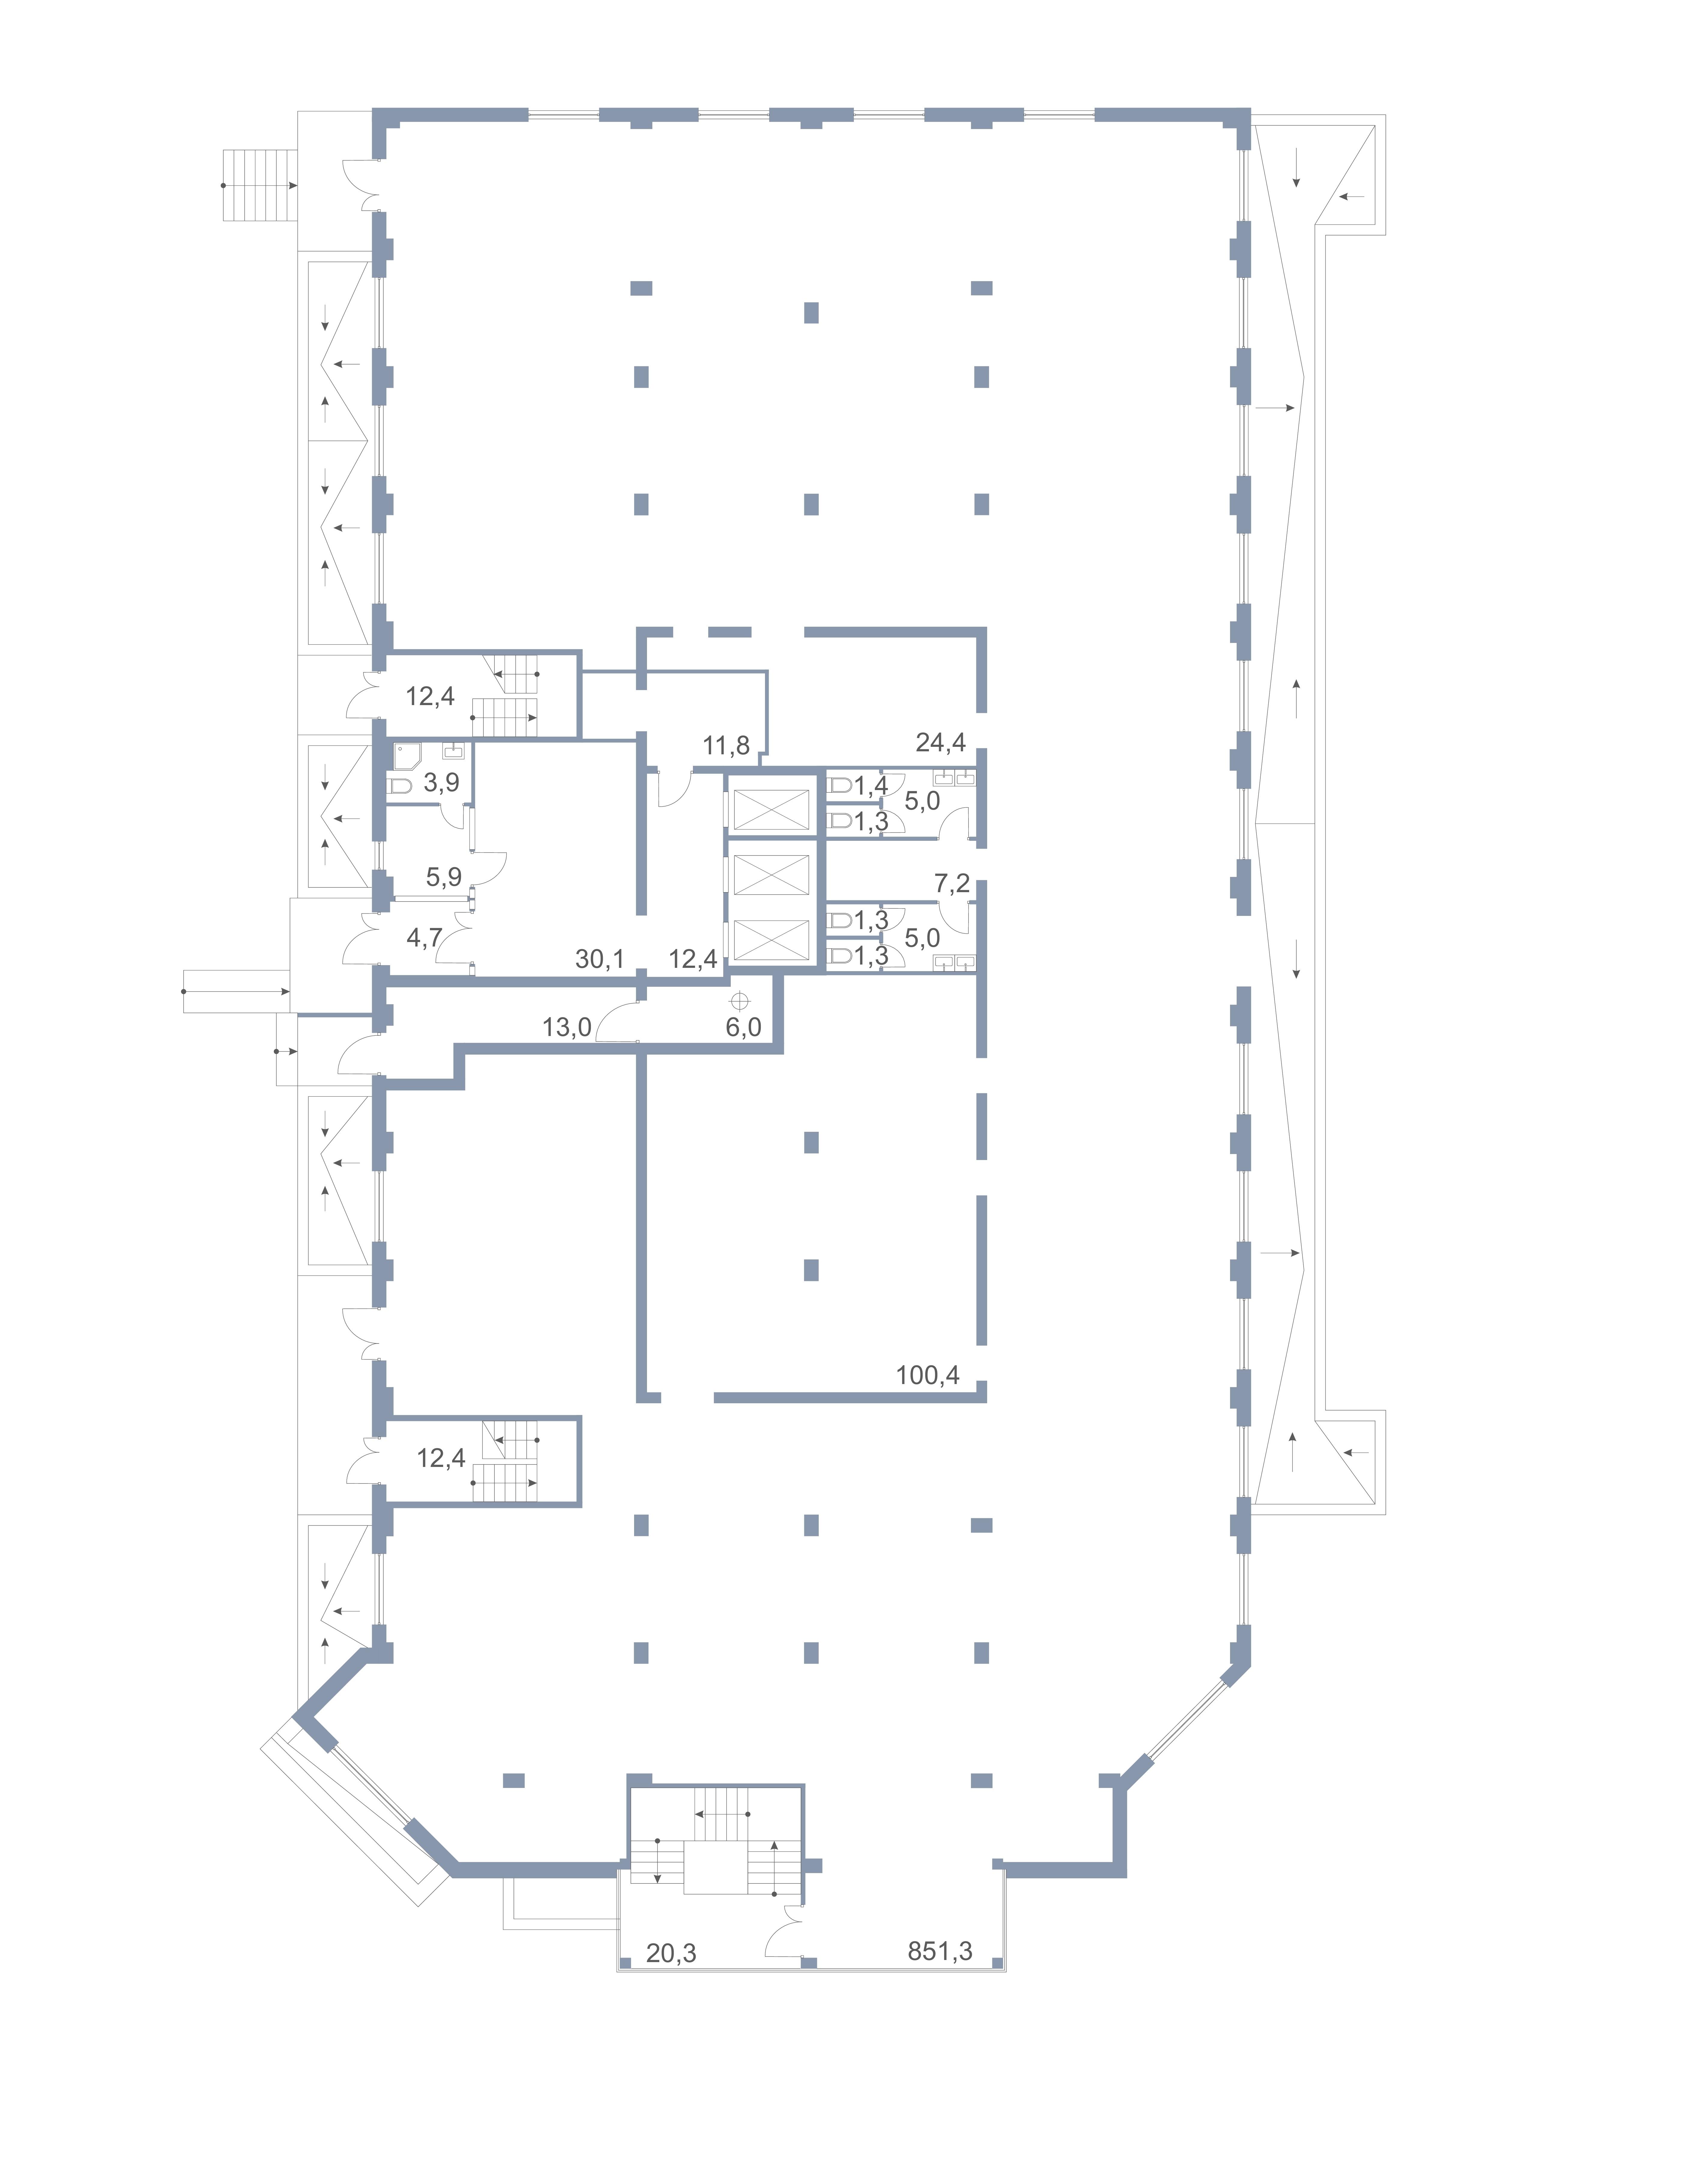 Коммерция Первый Зеленоградский Сургутский проезд 1 корп.1 этаж 1